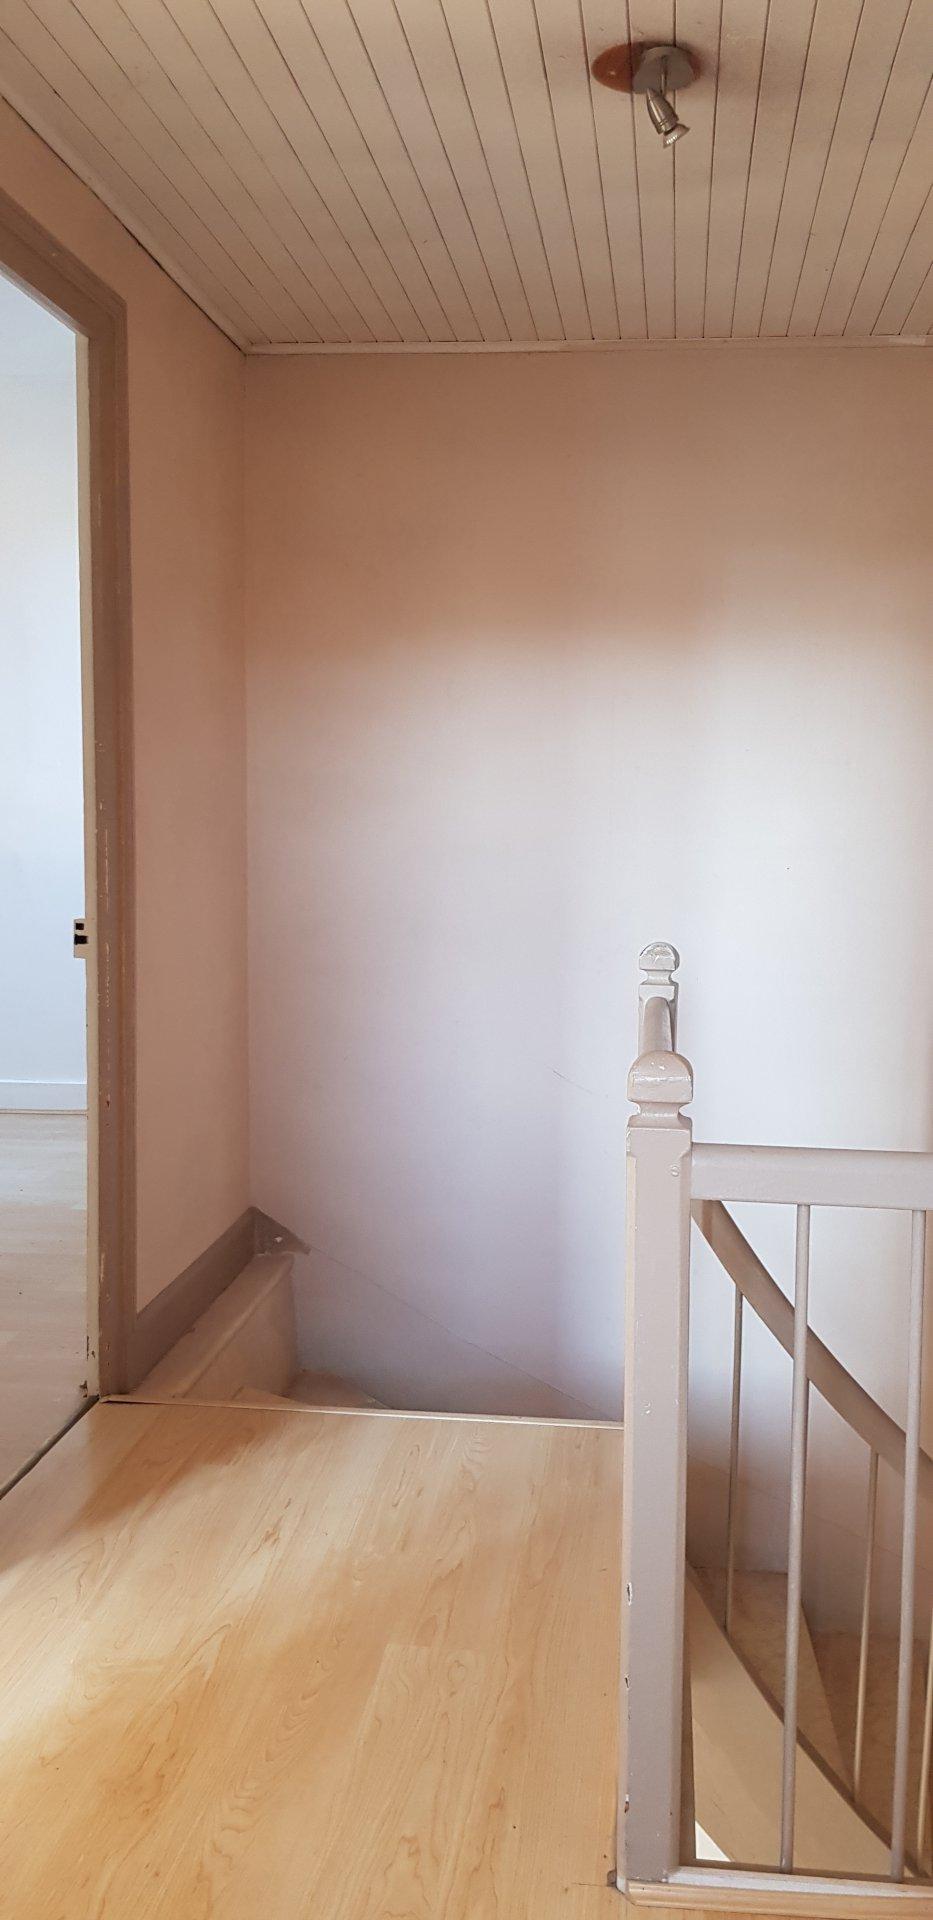 SAINT CLAIR  DE LA TOUR  Maison mitoyenne  75 m² 3 min LTDP